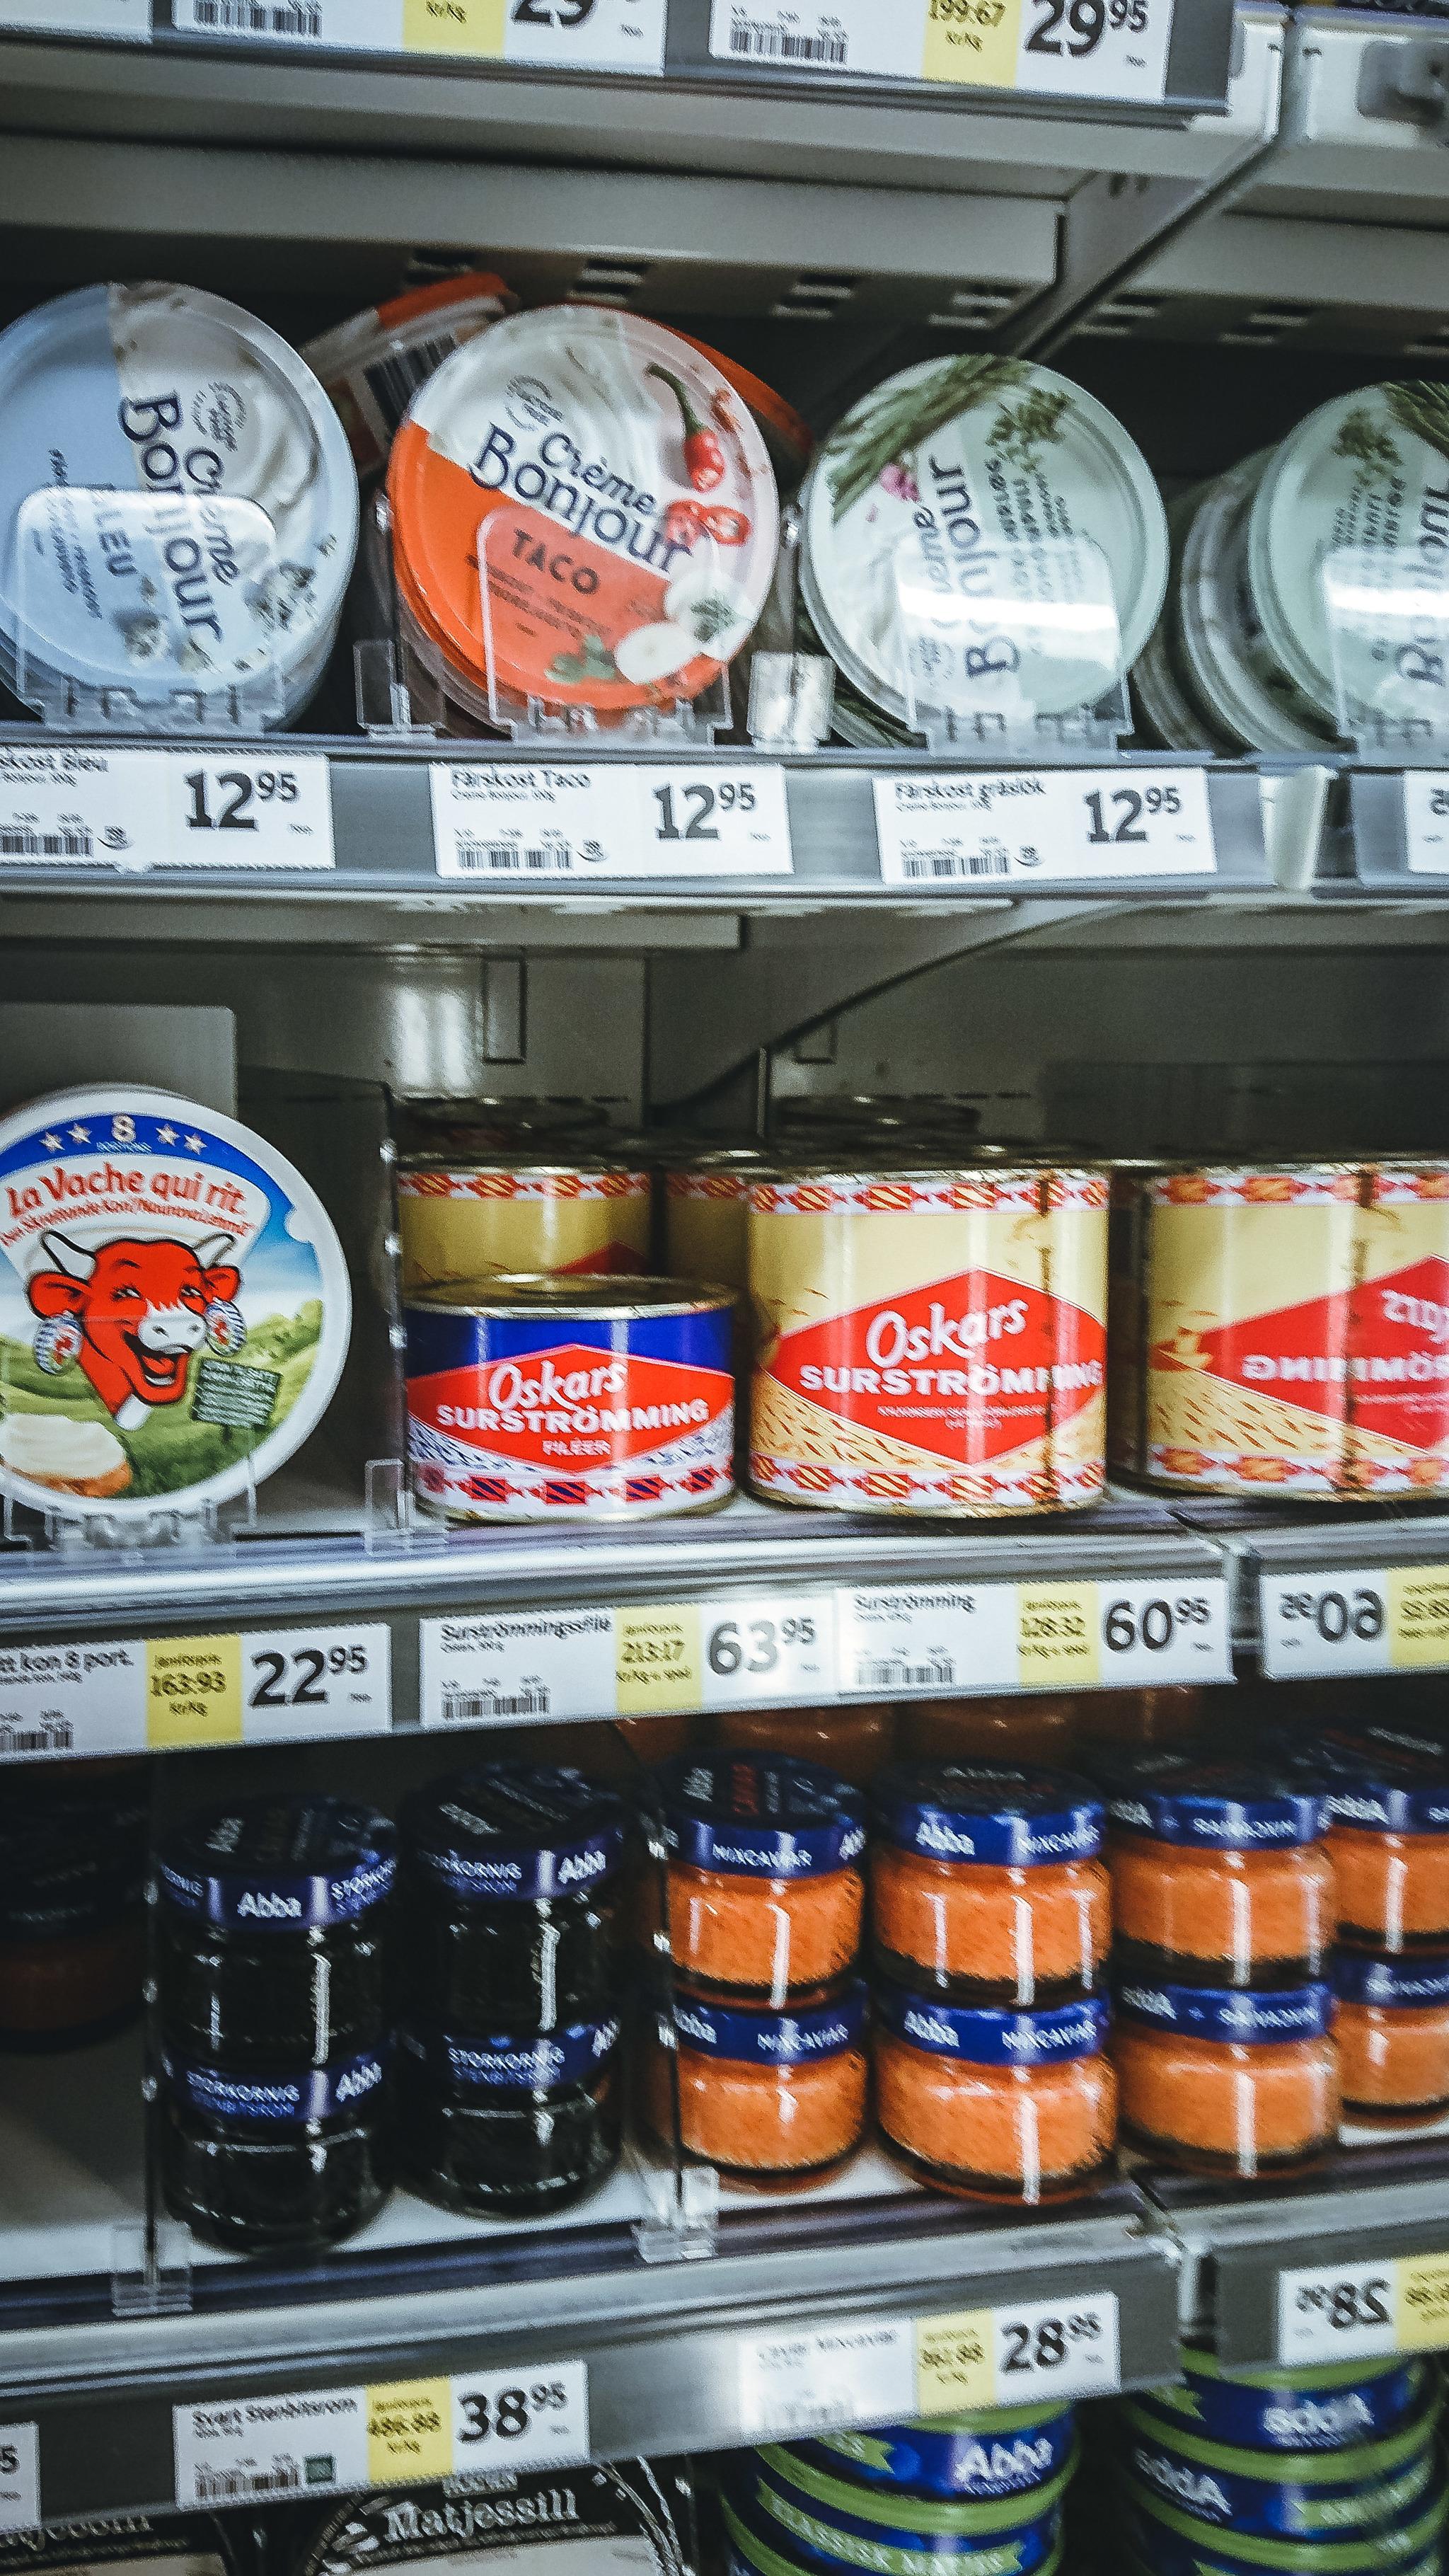 Чем питаются шведы продуктов, раков, магазине, варёных, только, Рядом, можно, местных, порядка, супермаркет, стоит, соусом, разумеется, брусничным, надписью, Стокгольме, любит, вздувшимися, Банки, сразу